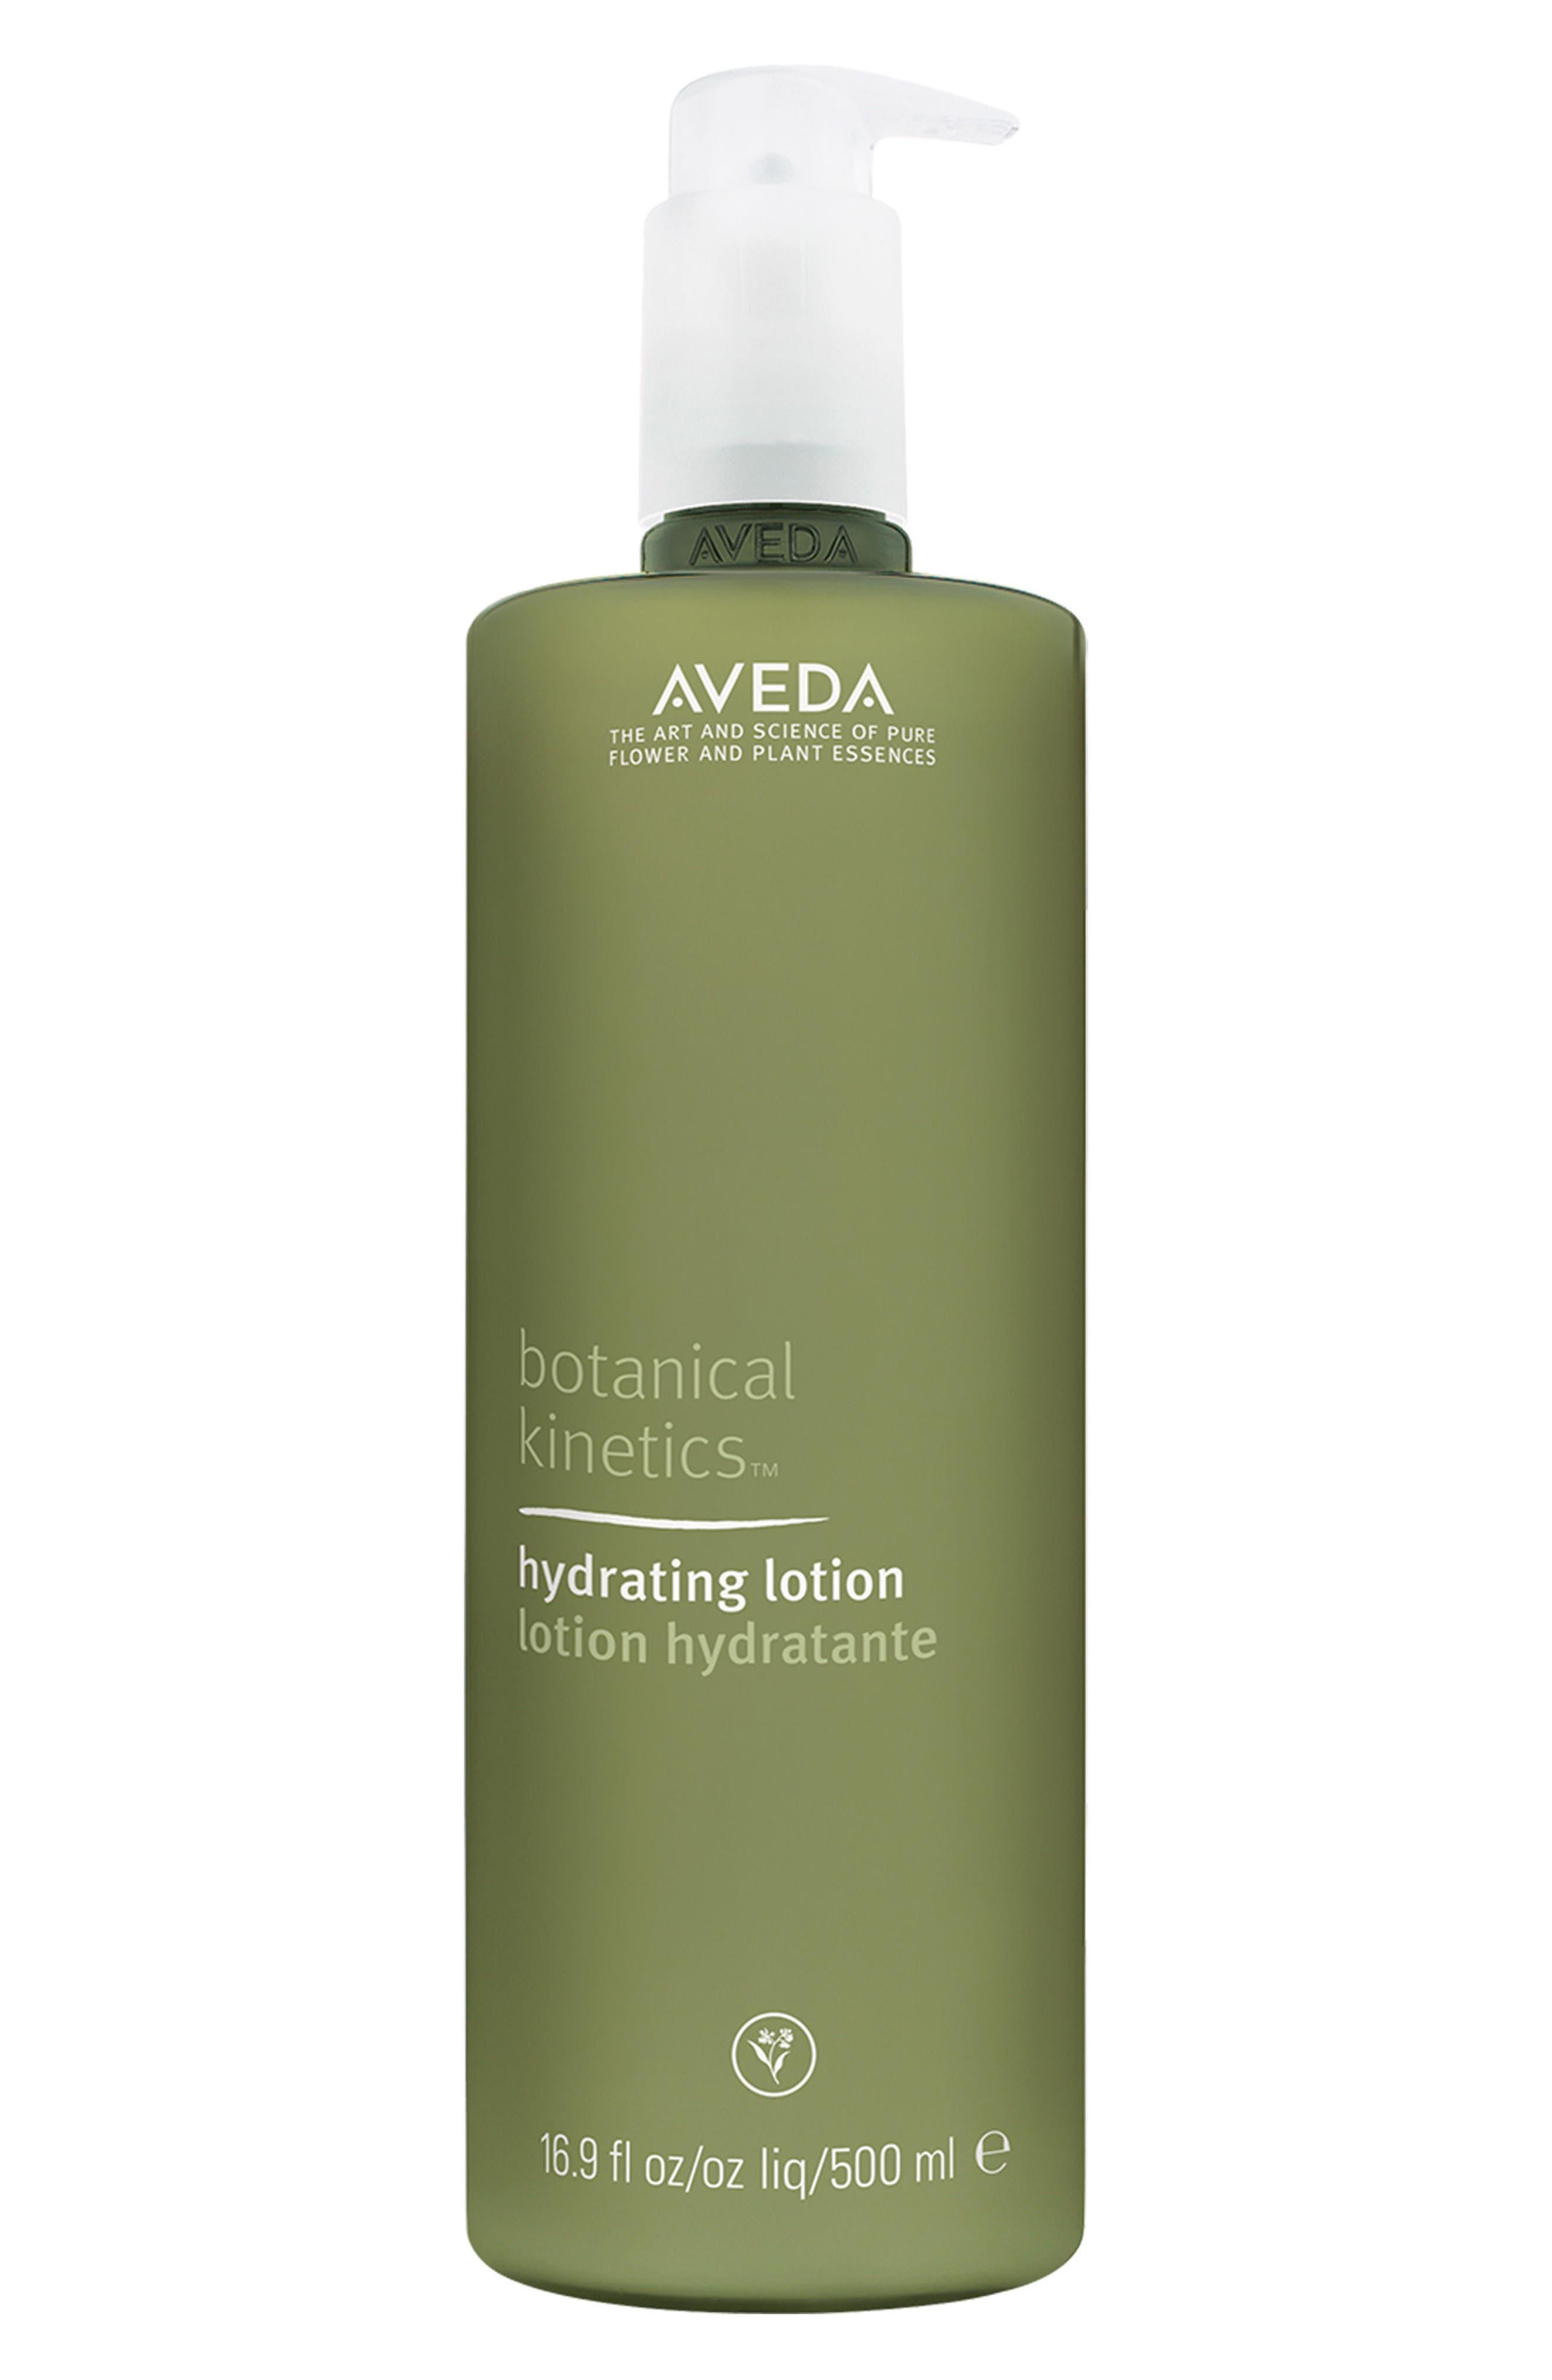 Aveda 'botanical kinetics™' Hydrating Lotion